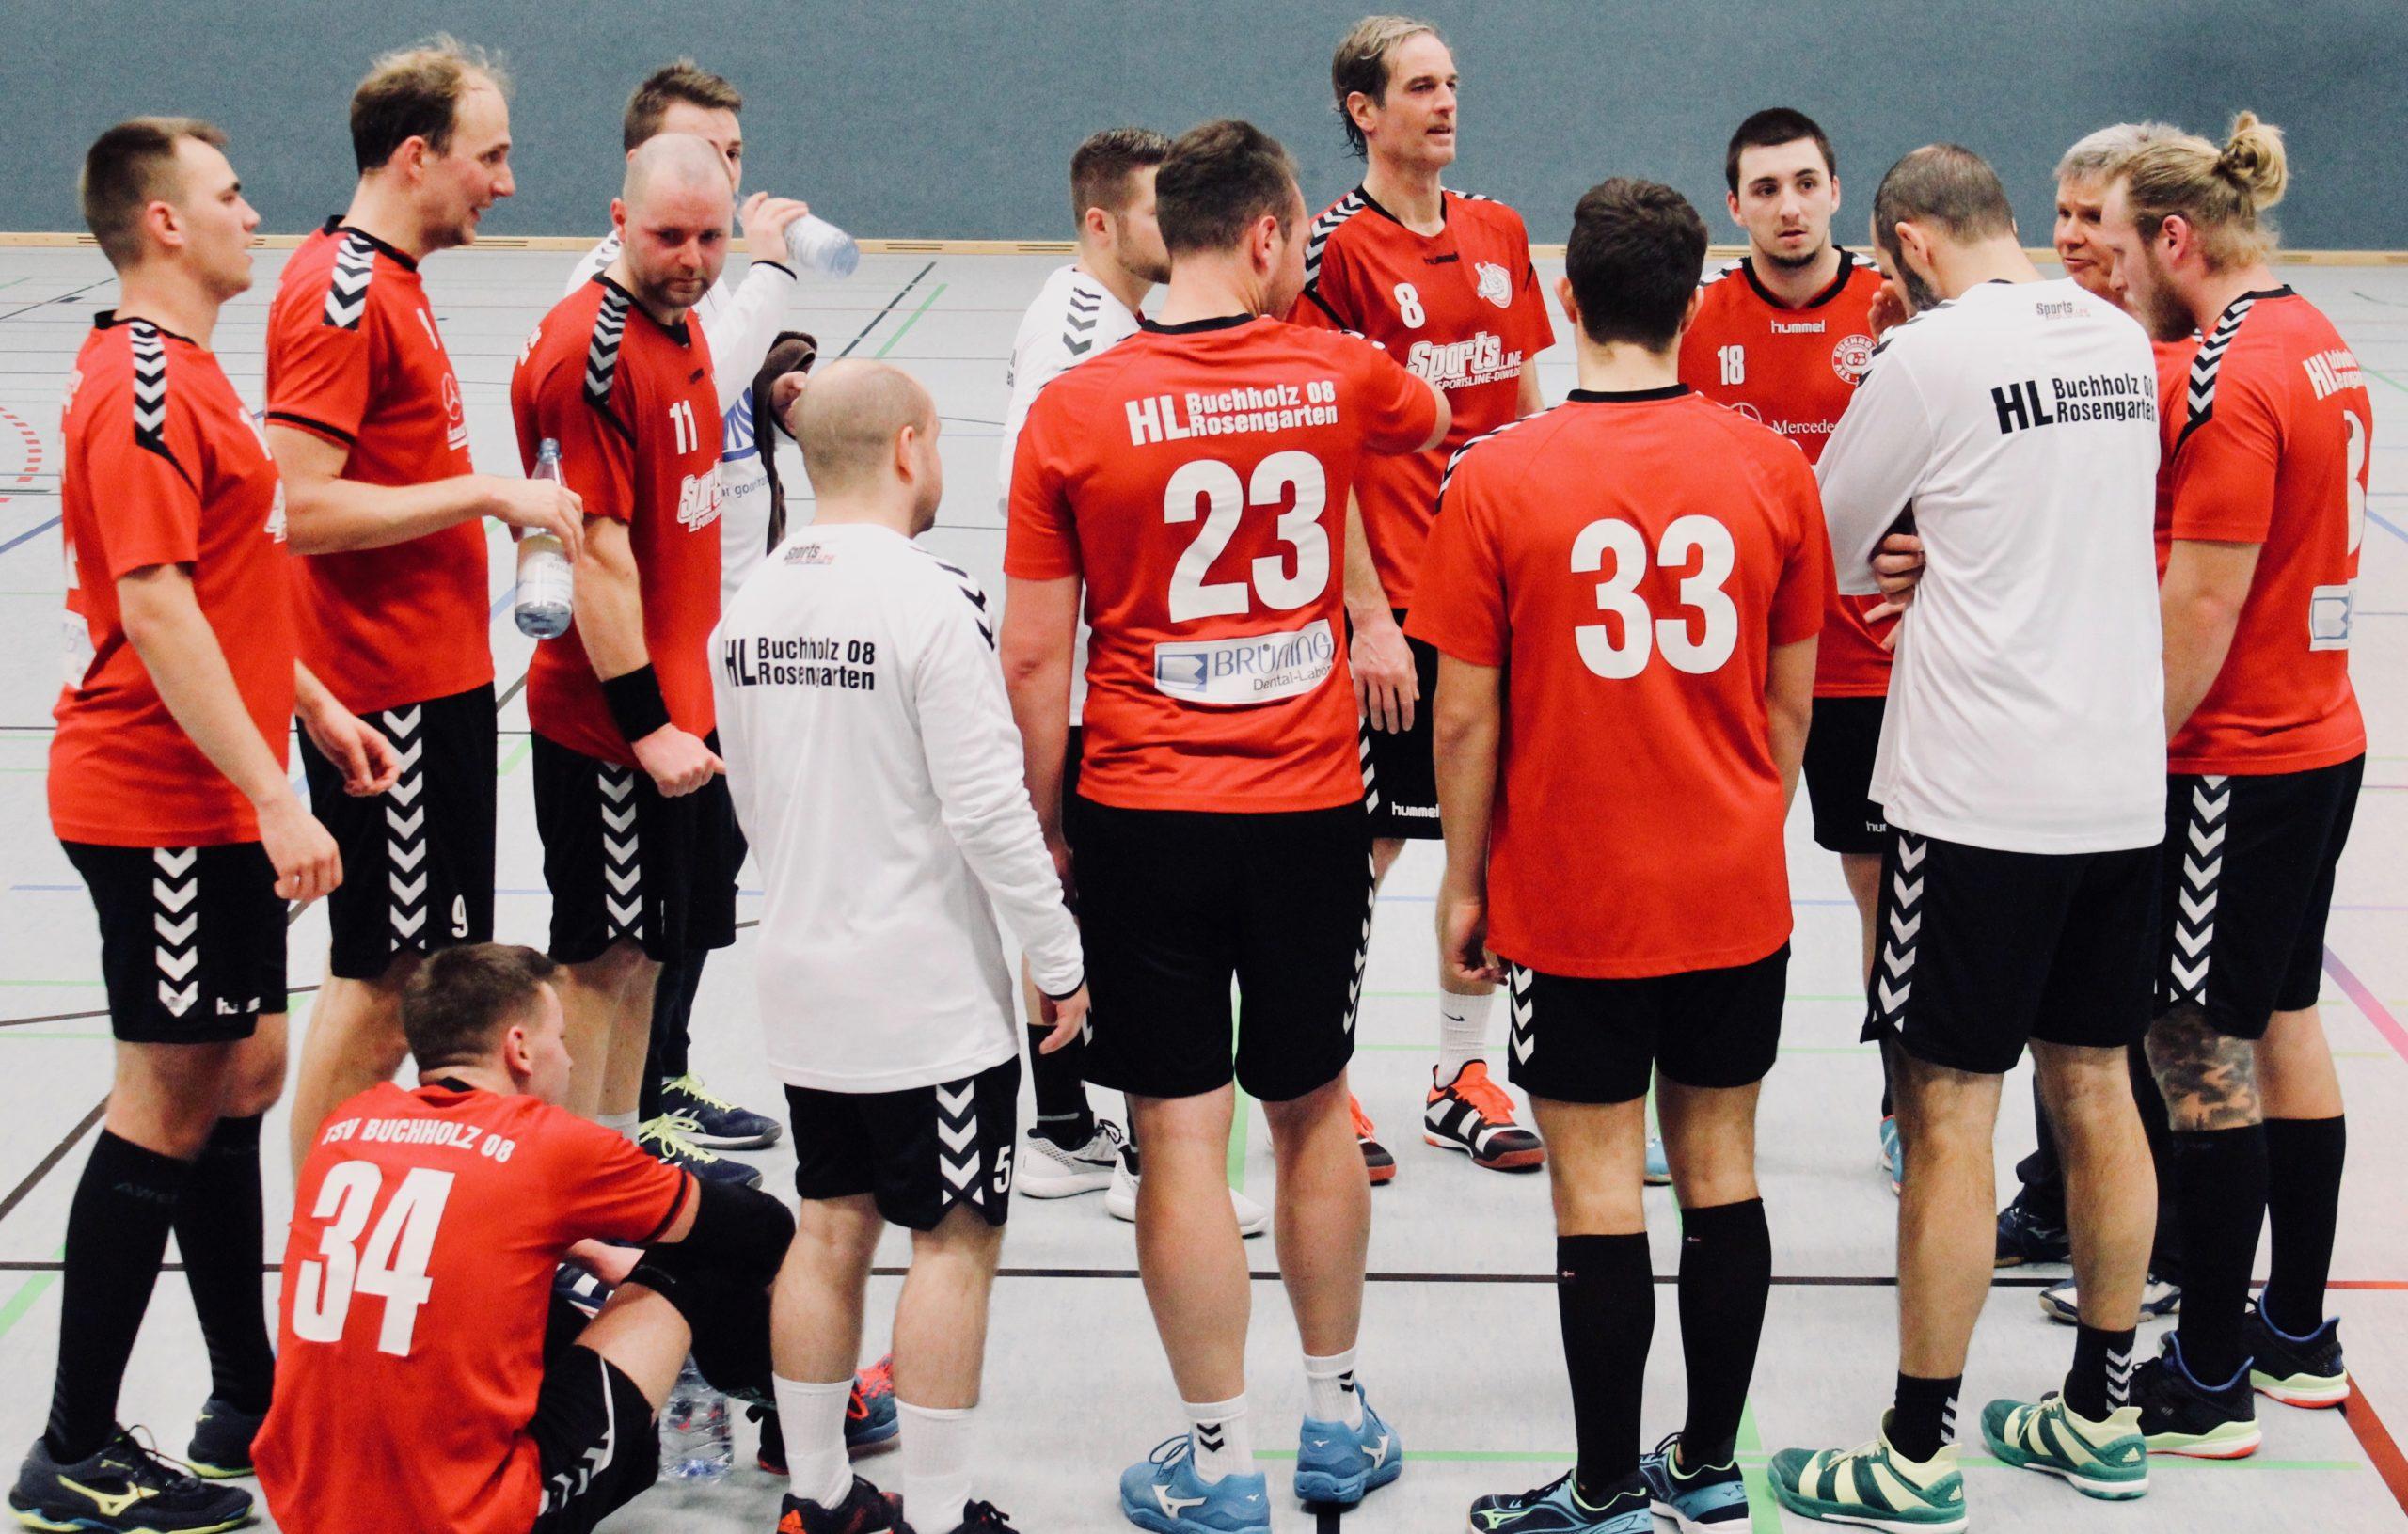 Rosengarten Handball